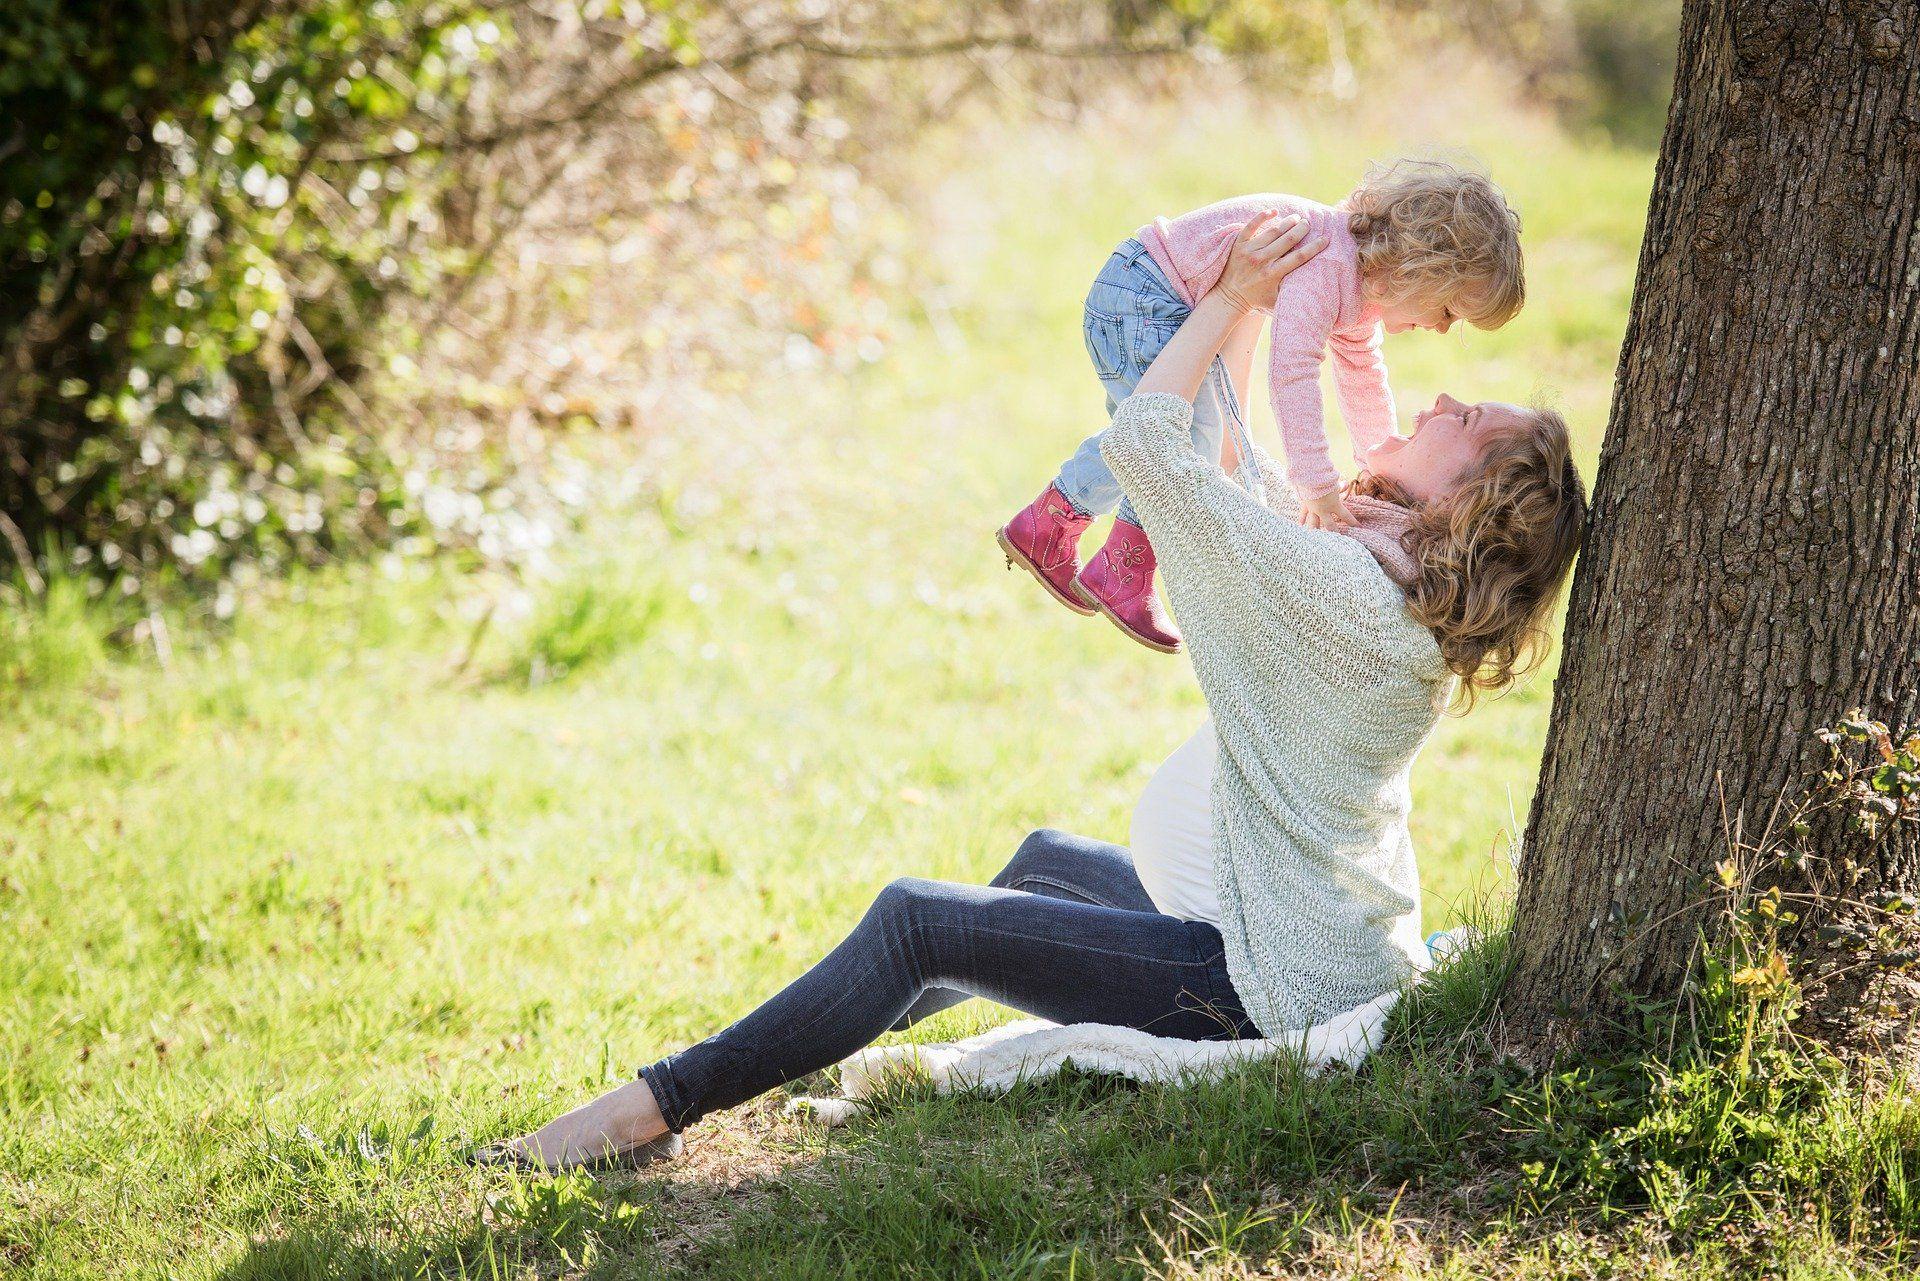 Prima di essere genitori, siate una coppia